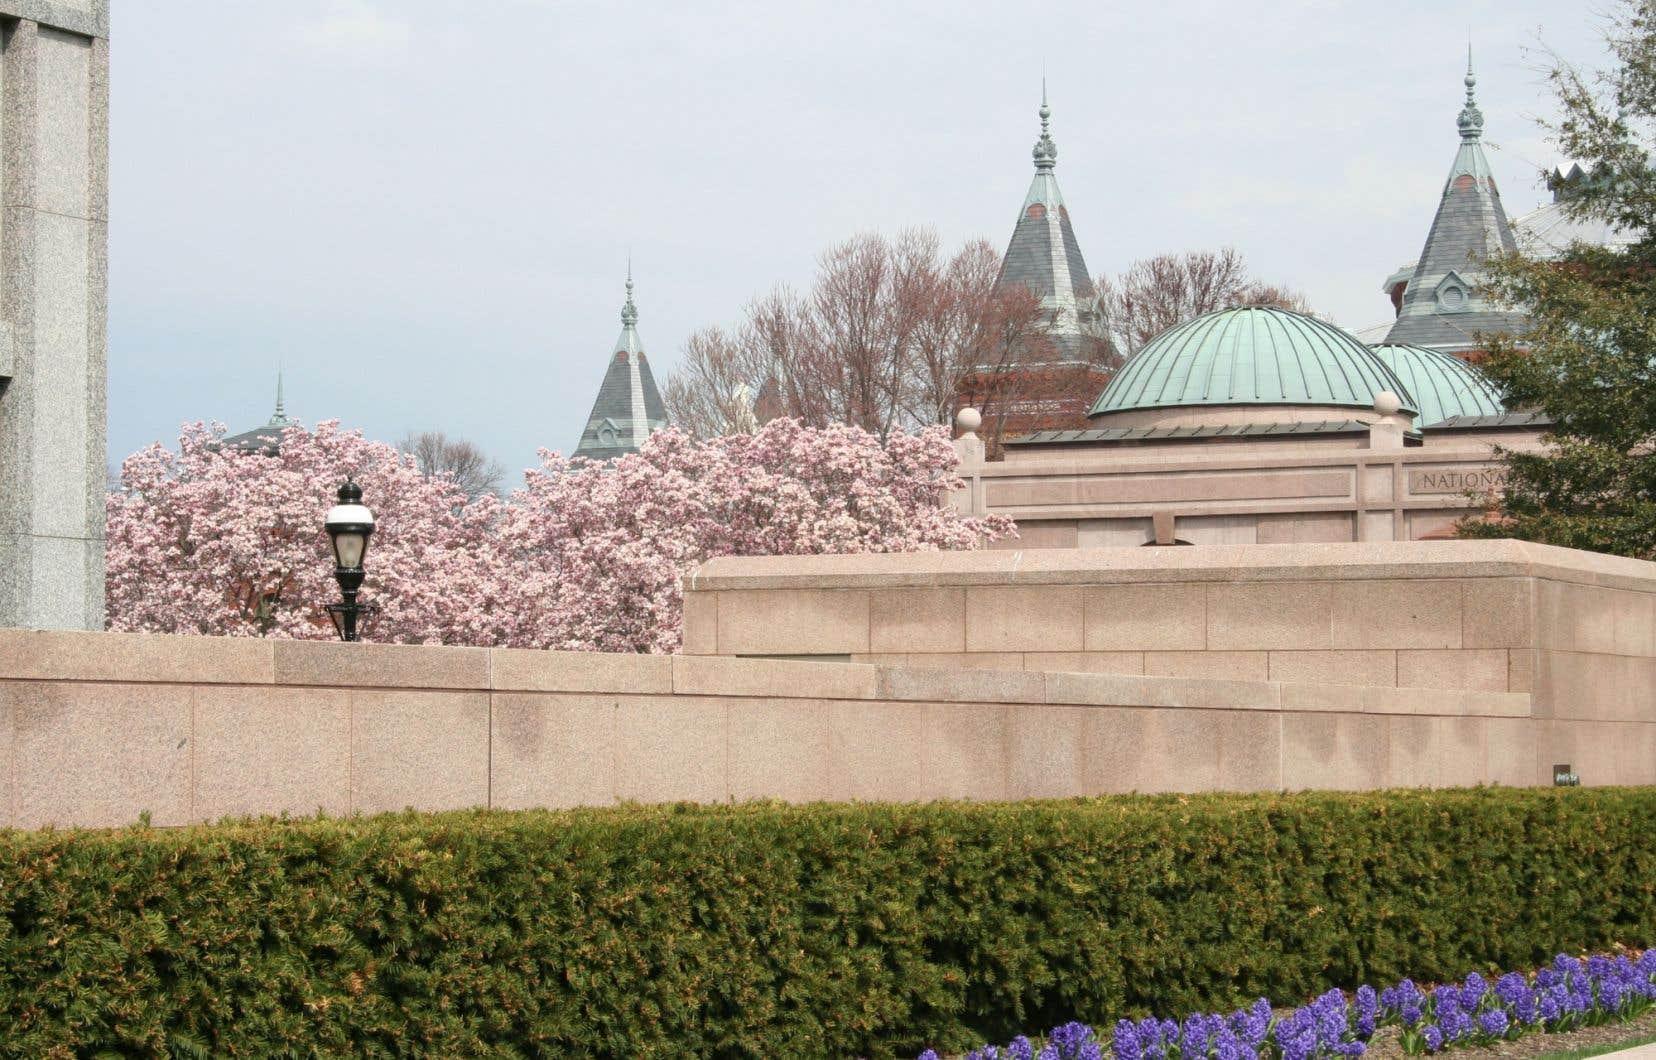 Washington est belle en tout temps, mais en particulier au printemps, lorsque les cerisiers sont en fleurs, et l'été, saison verte et vaporeuse.